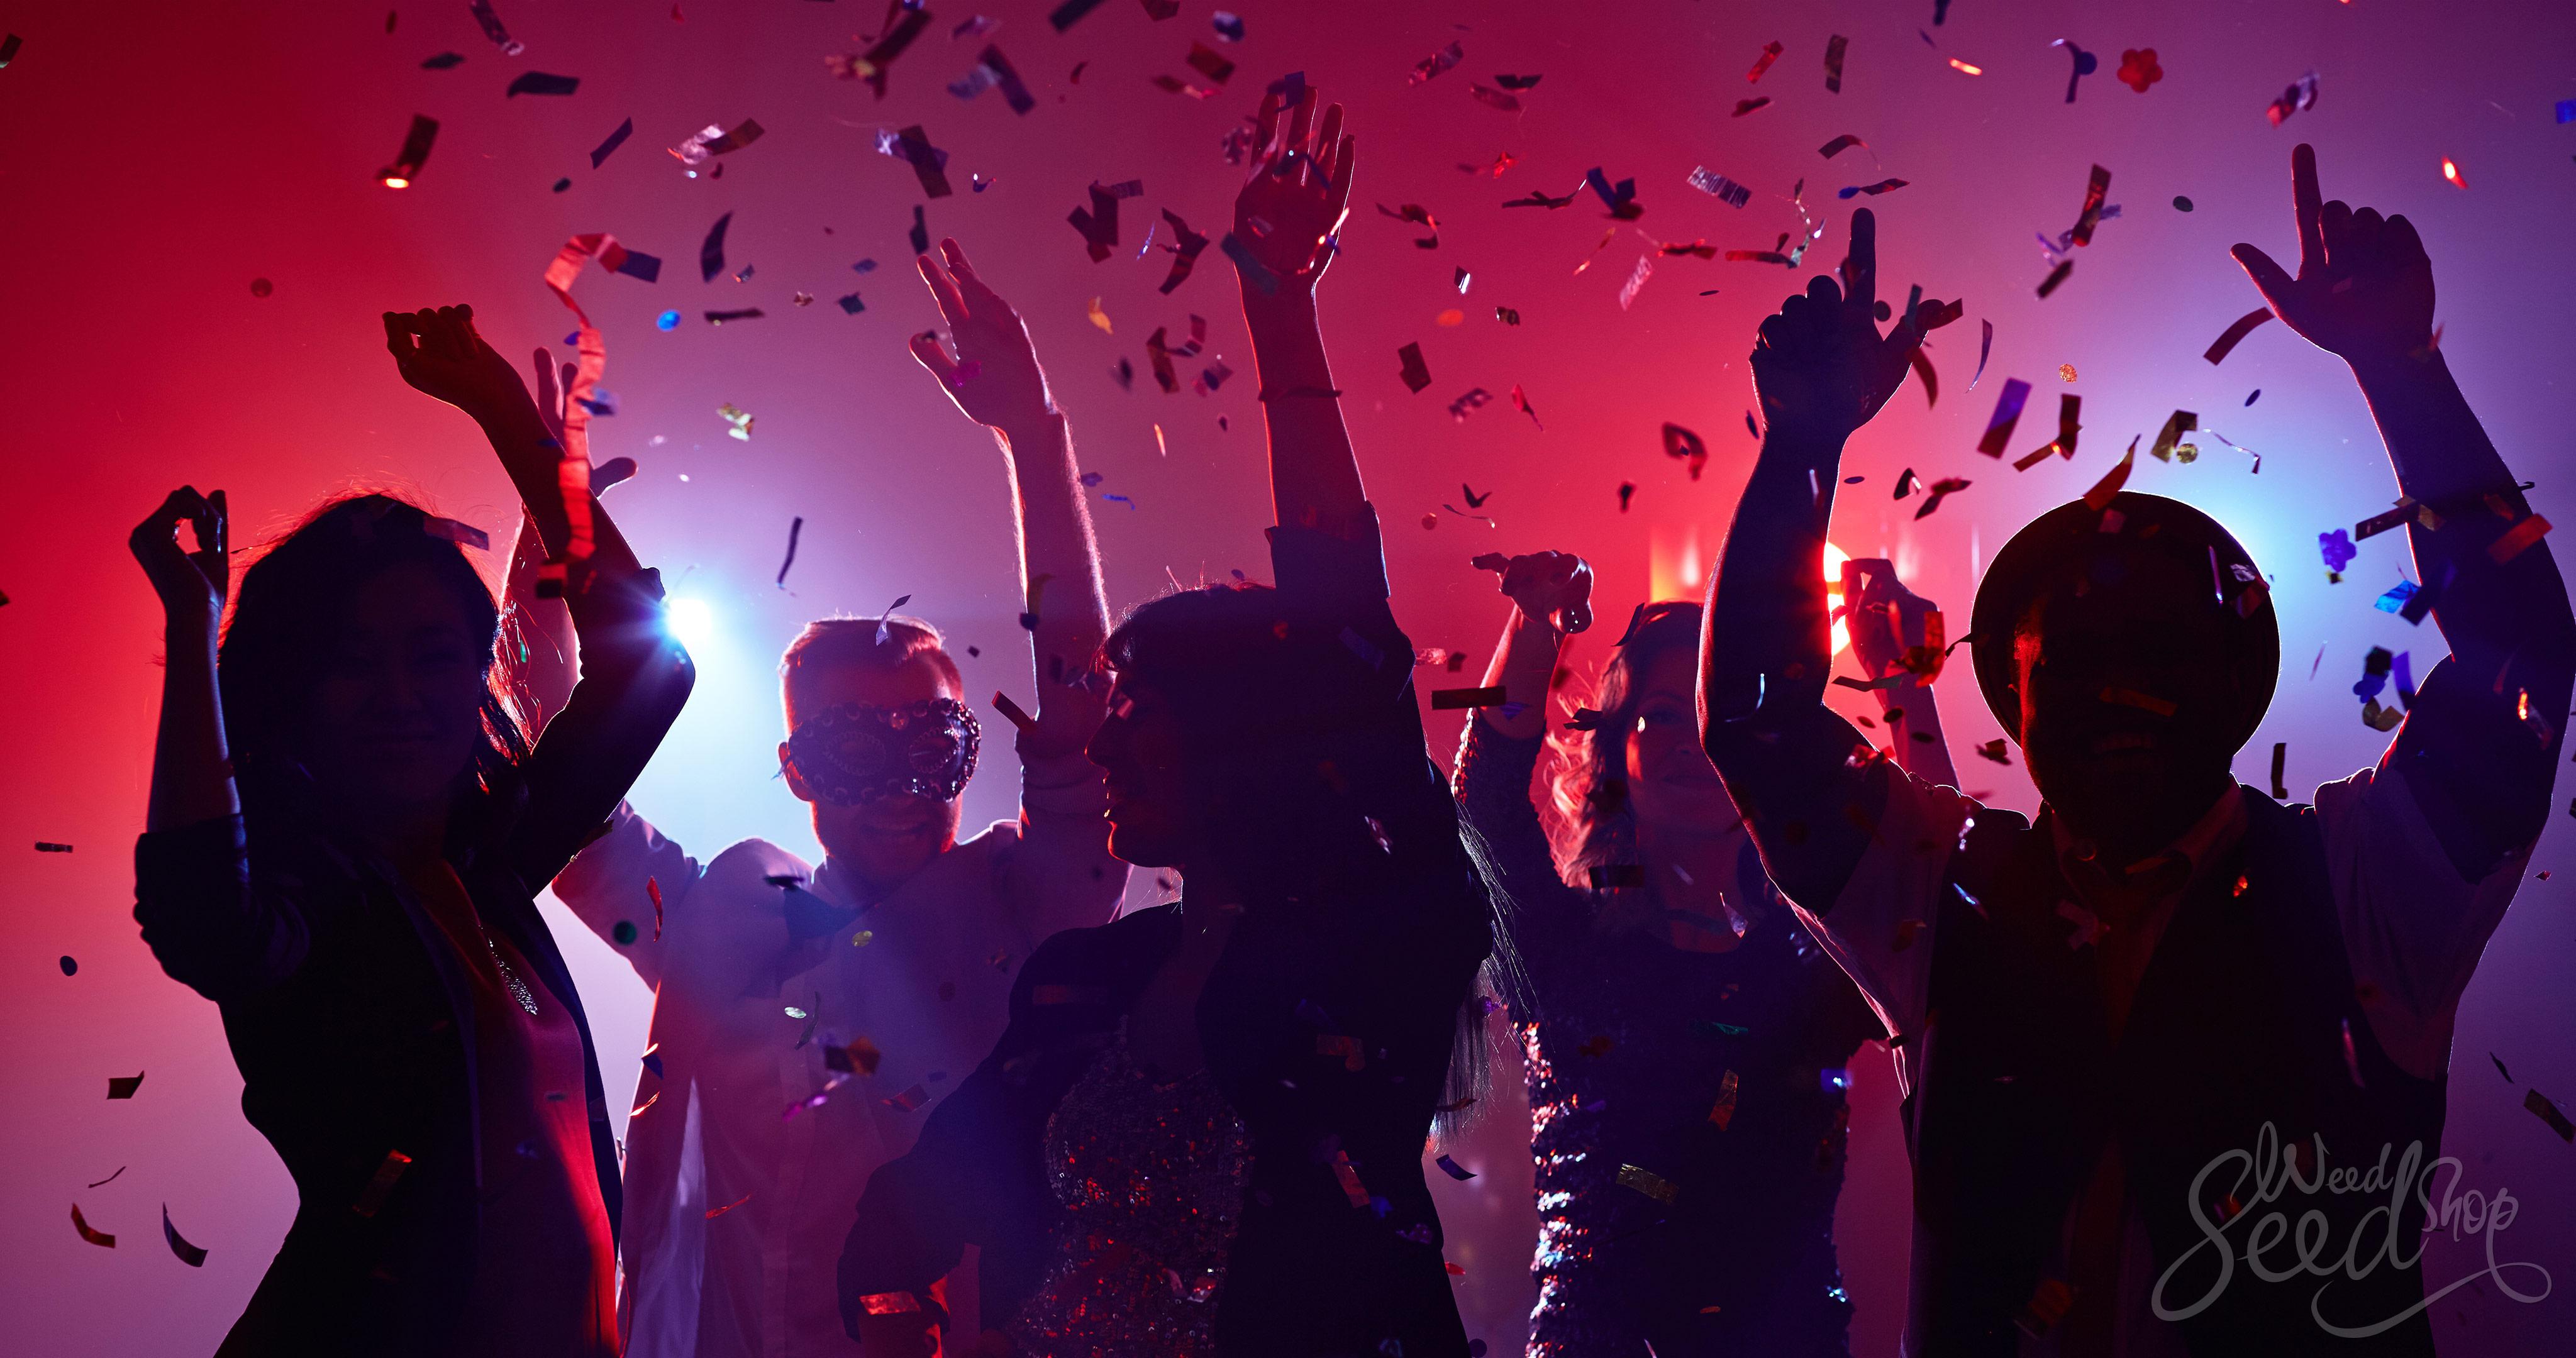 10 beste wietsoorten voor een feestje - WeedSeedShop